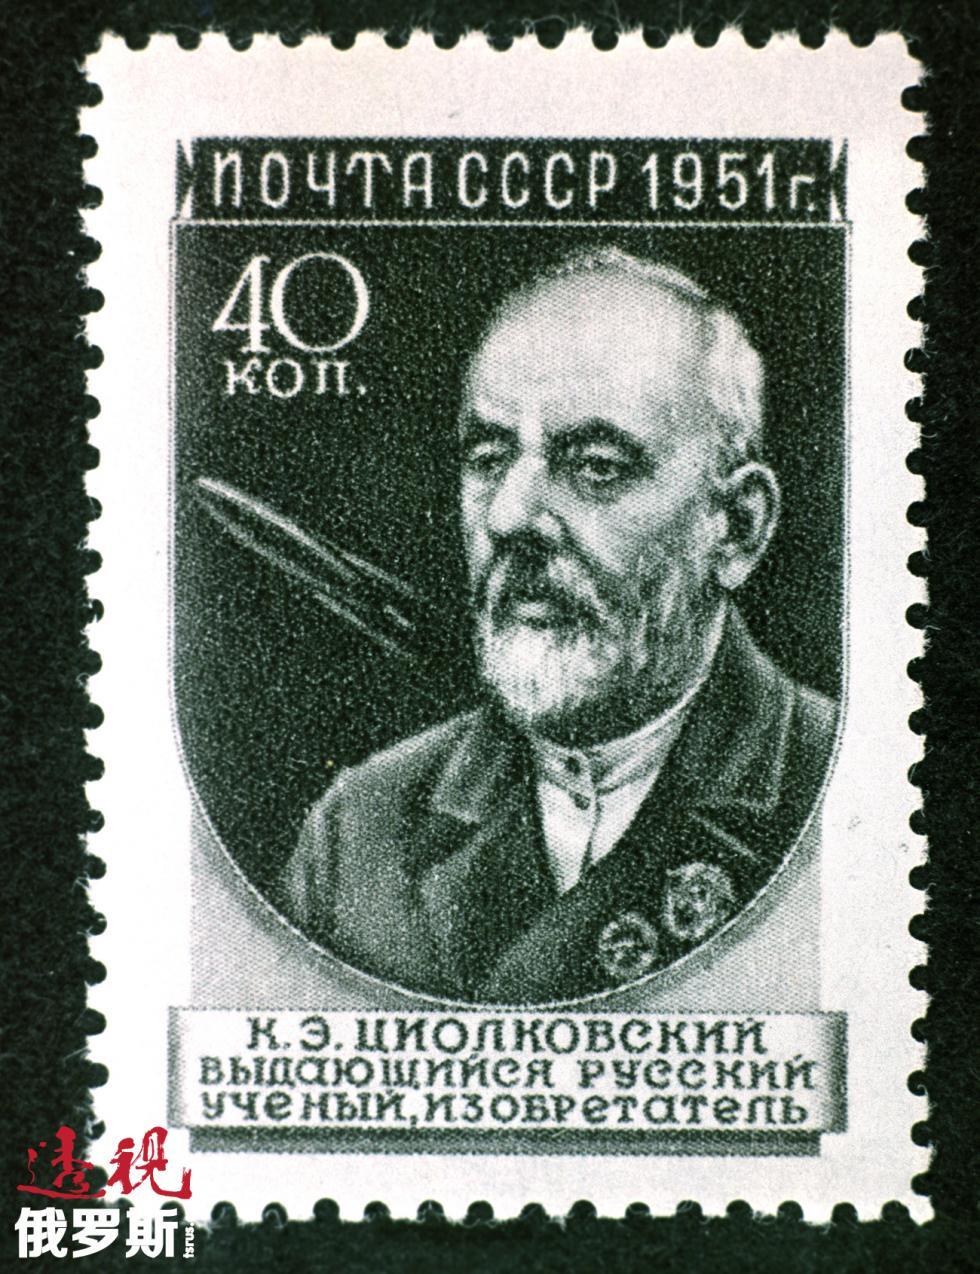 邮票上的图片康斯坦丁·齐奥尔科夫斯基肖像。来源:俄新社